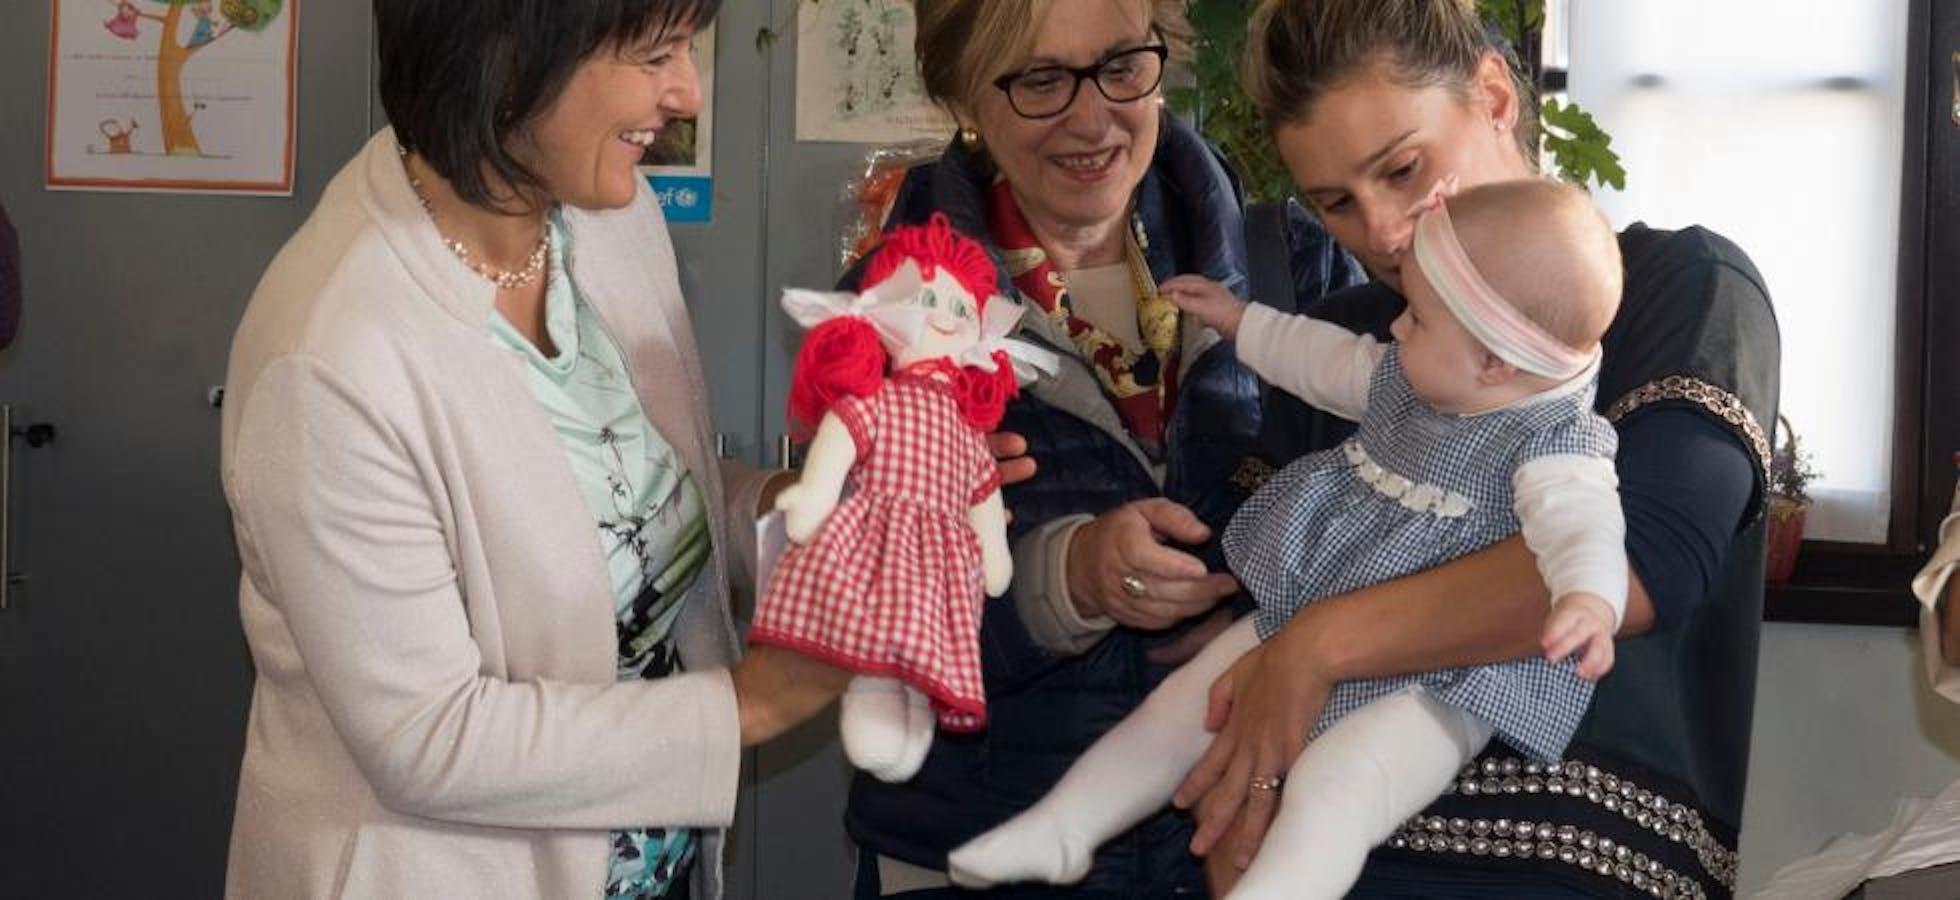 A Trento, l' iscrizione all'anagrafe diventa una festa, con la Pigotta UNICEF